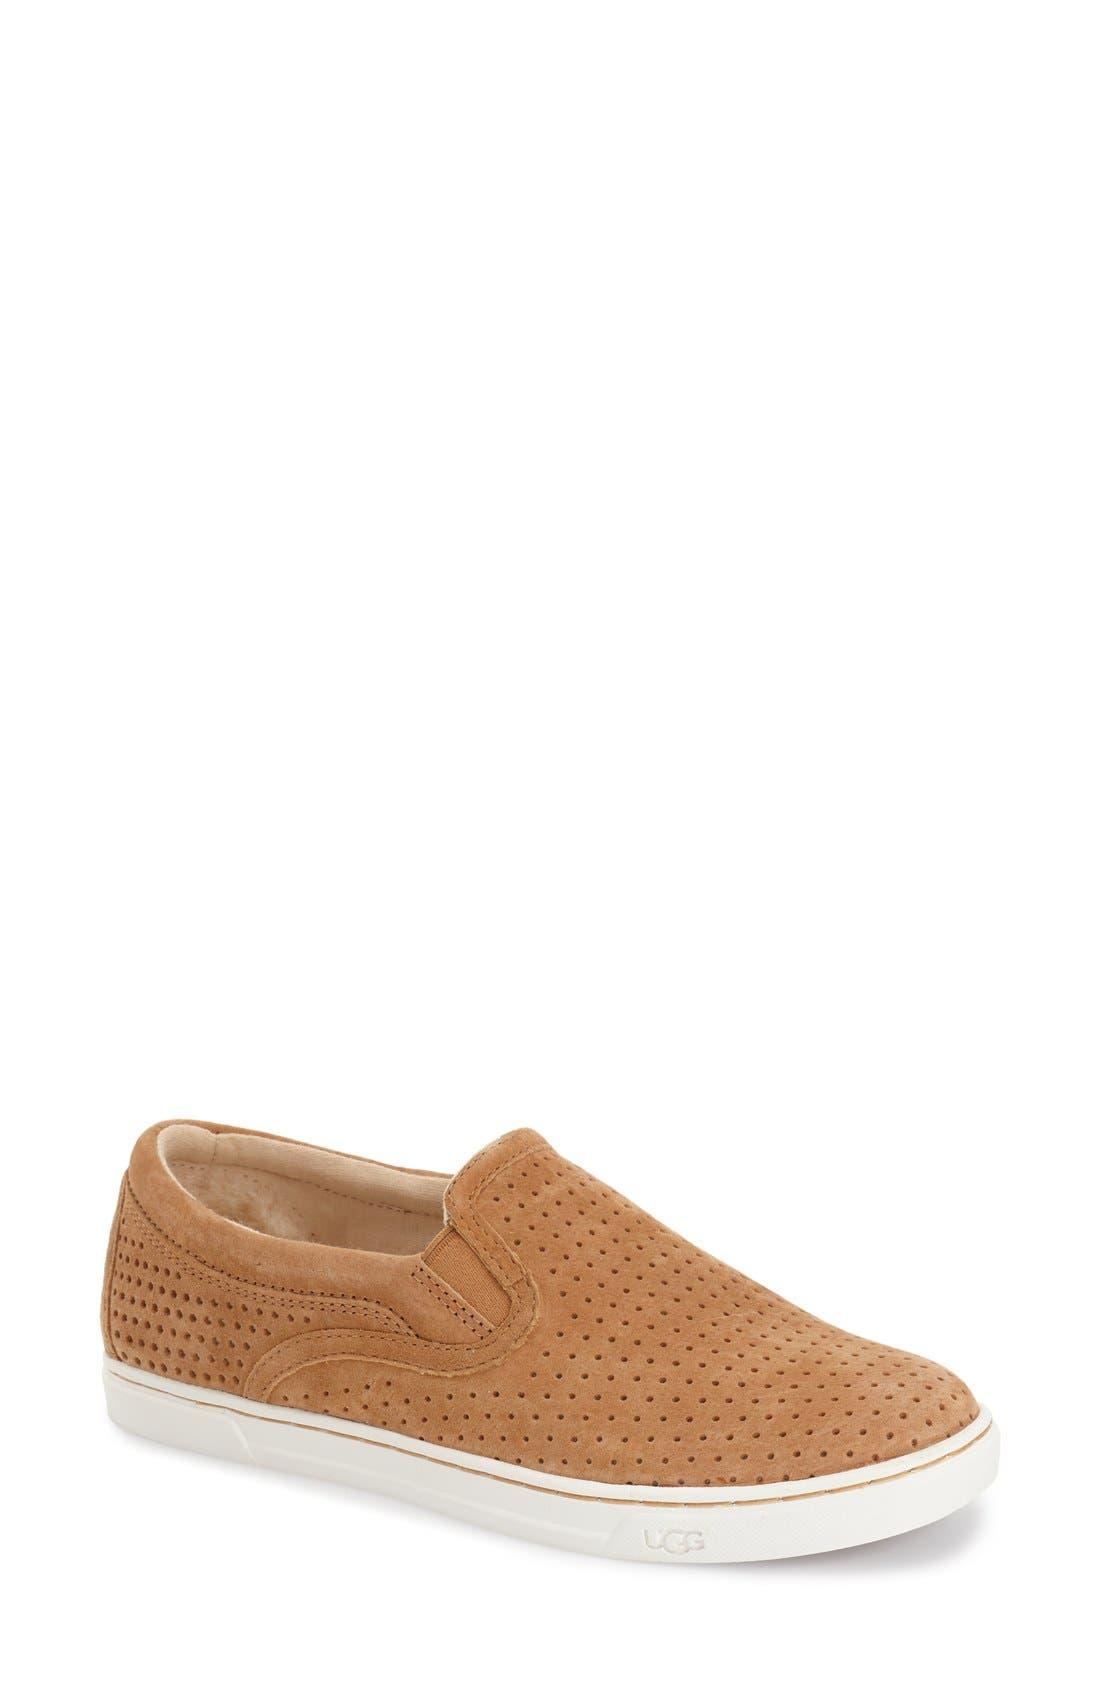 Alternate Image 1 Selected - UGG® 'Fierce Geo' Perforated Slip-On Sneaker (Women)